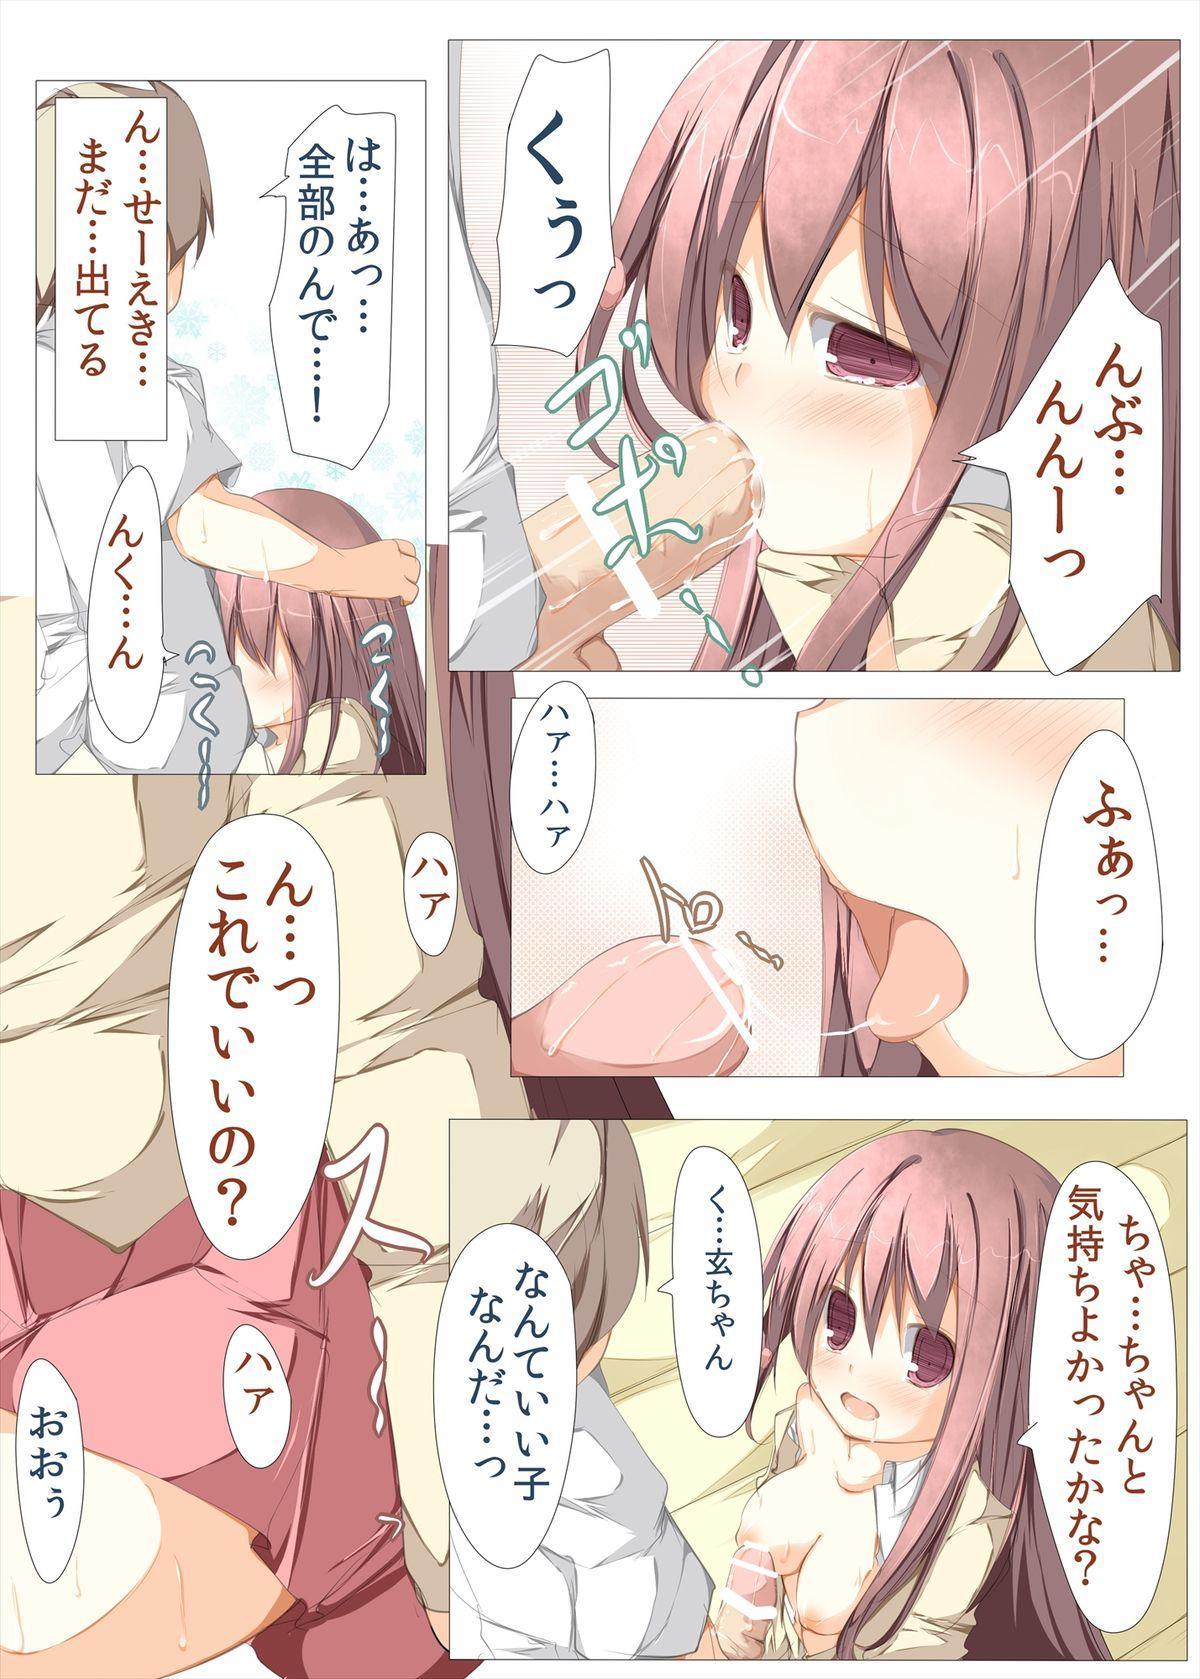 Kuro-chan To Ichatsuku Hon 11